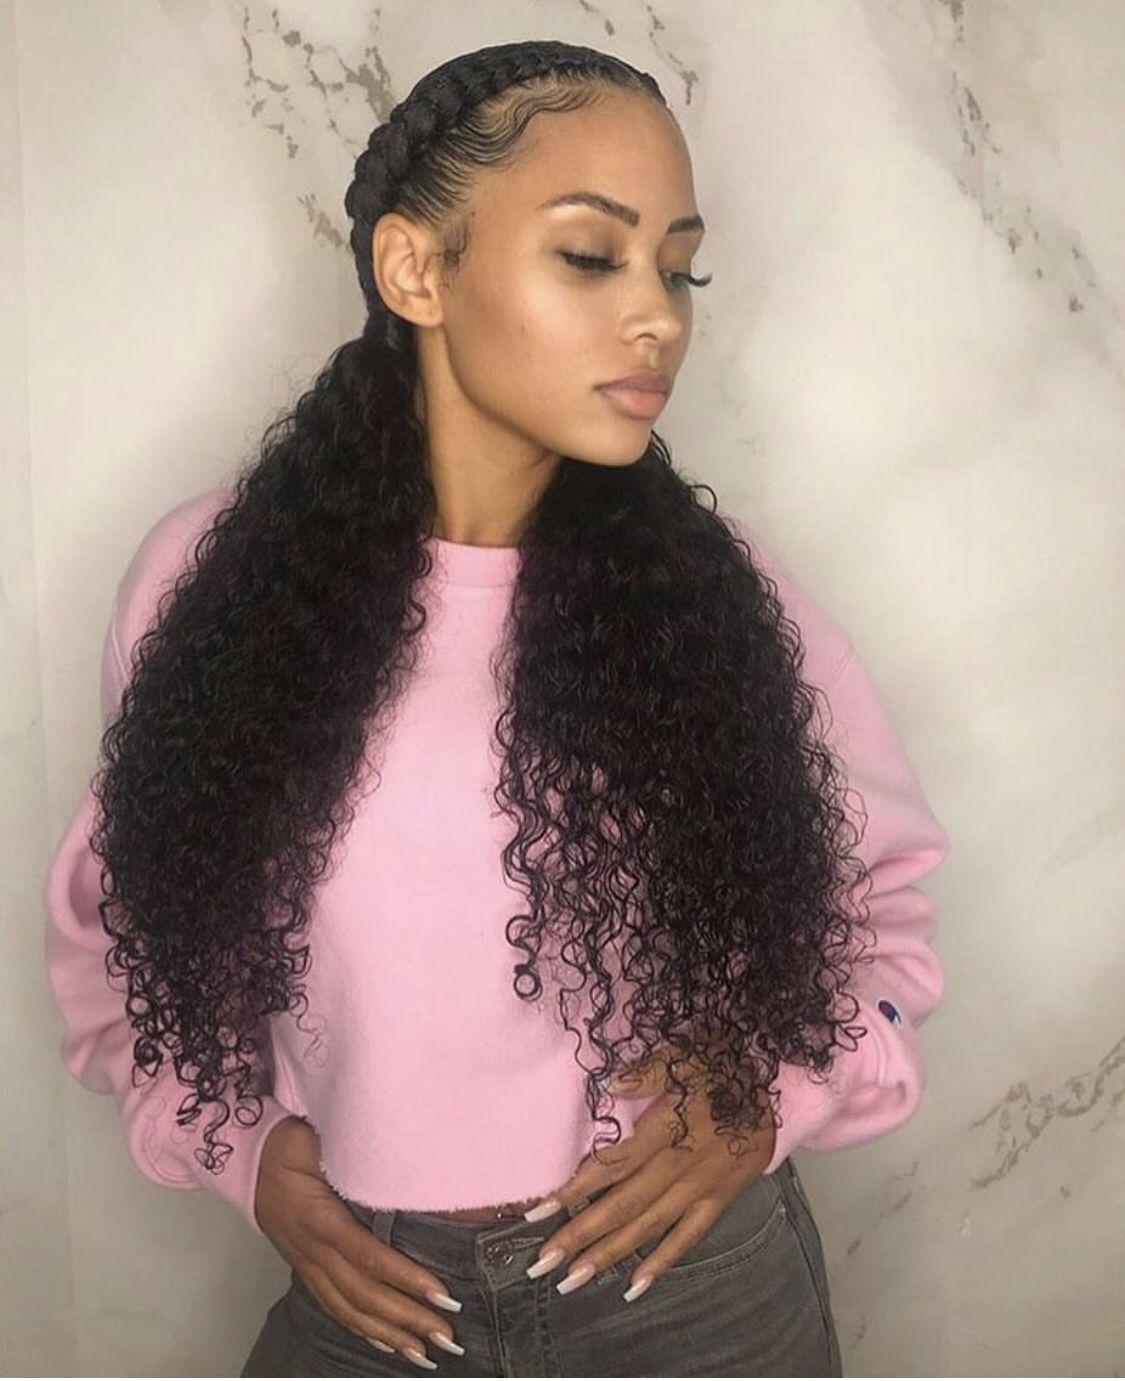 BEST Braided Hairstyles 2021 hairstyleforblackwomen.net 229